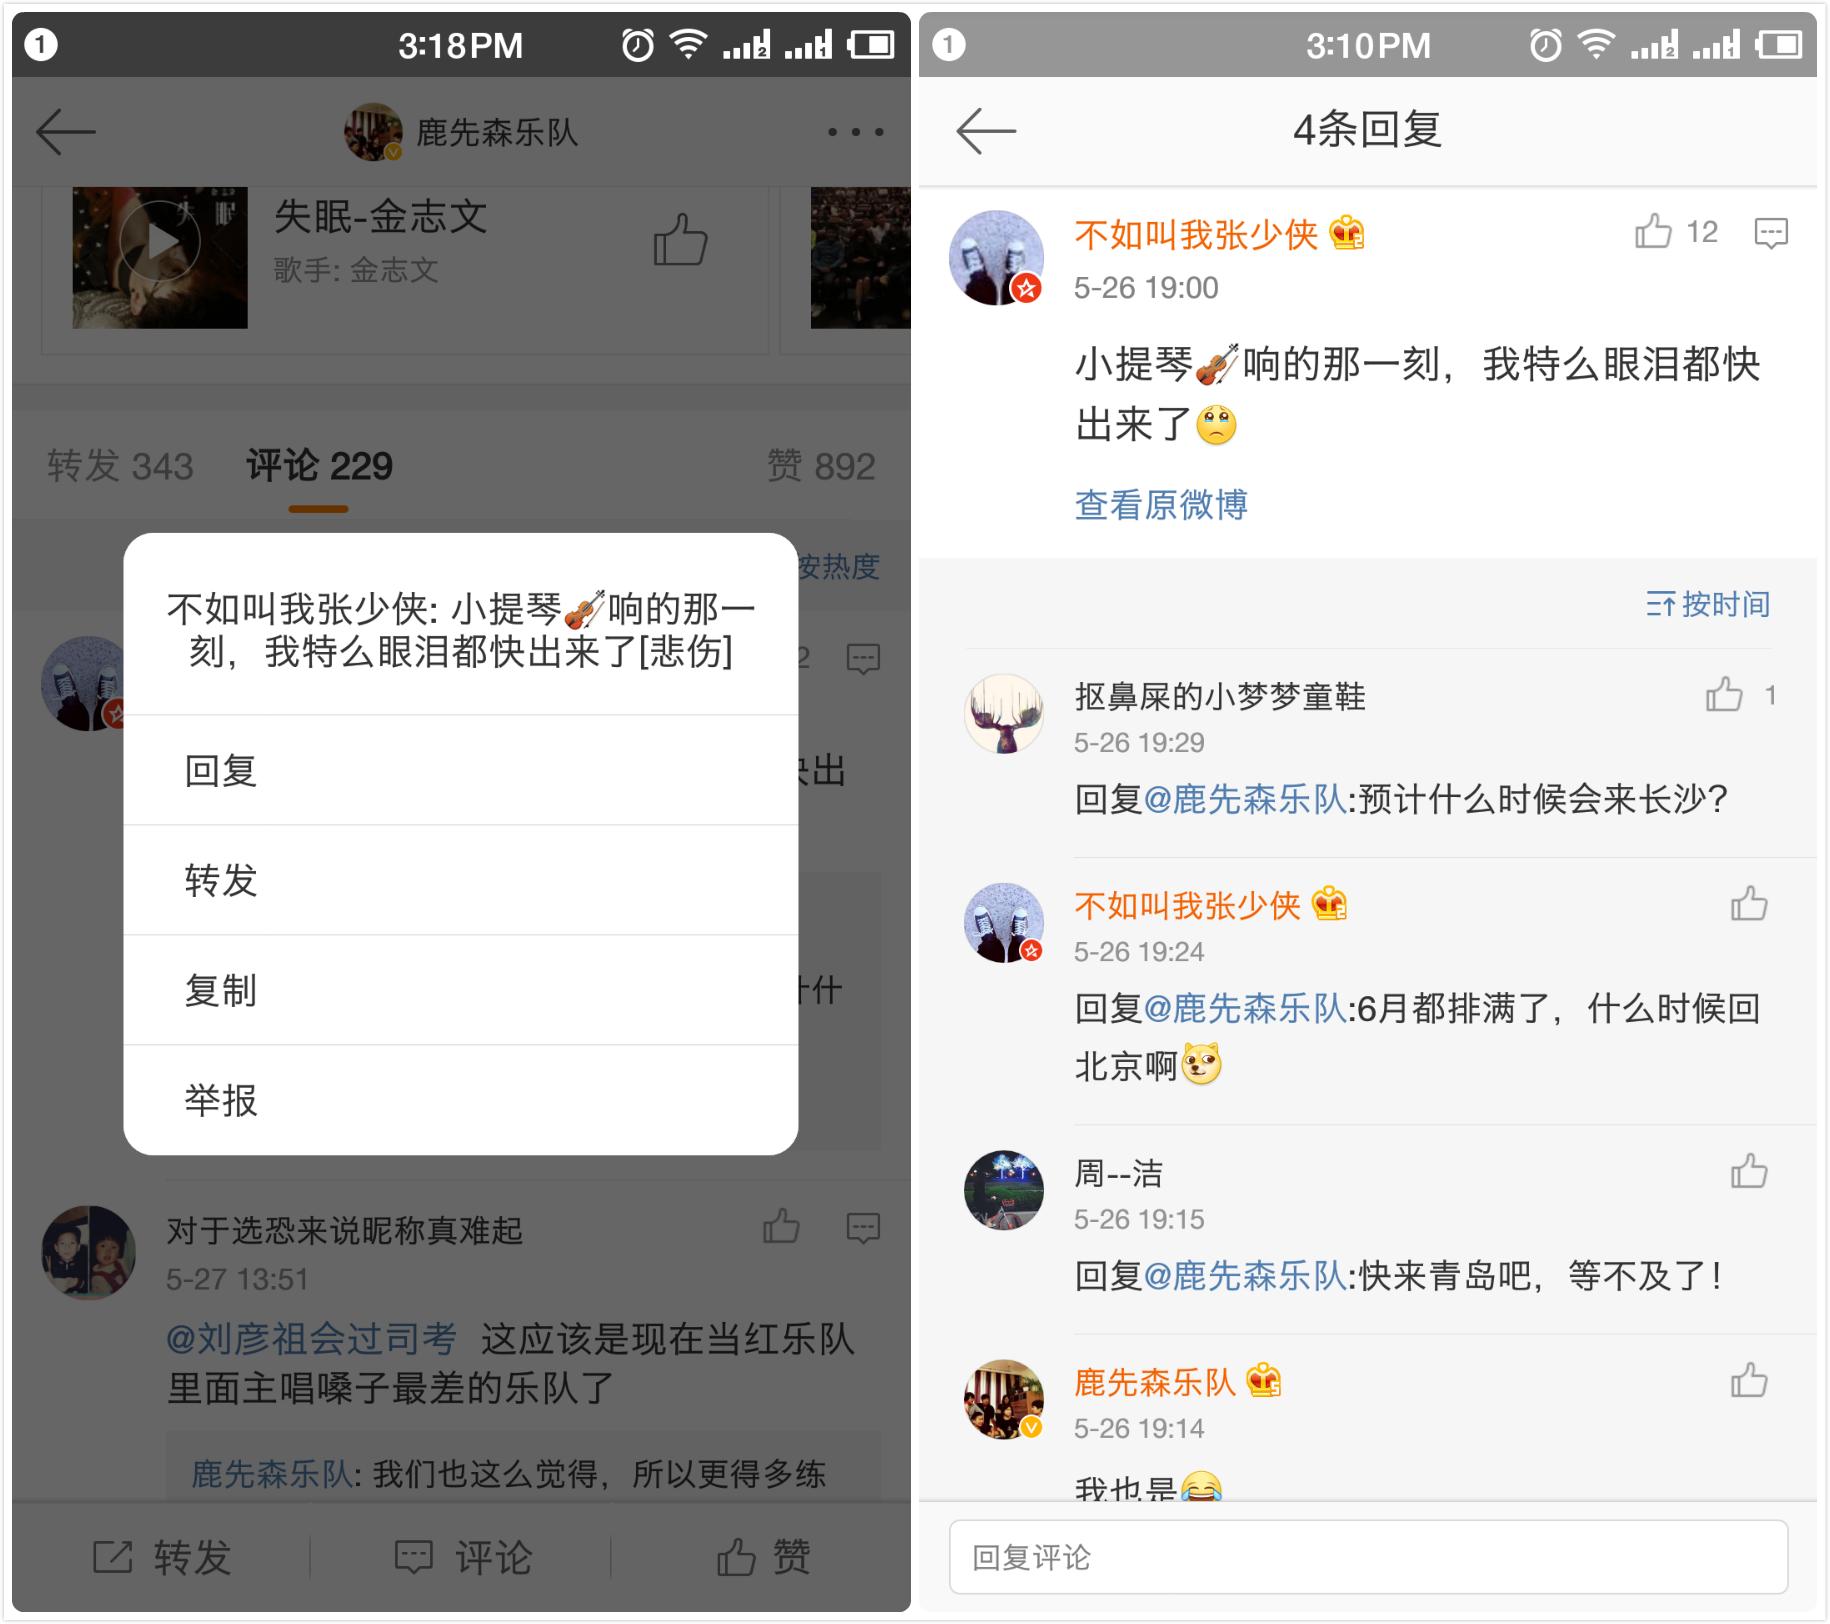 香港报纸舆论称美黑压压」日军事